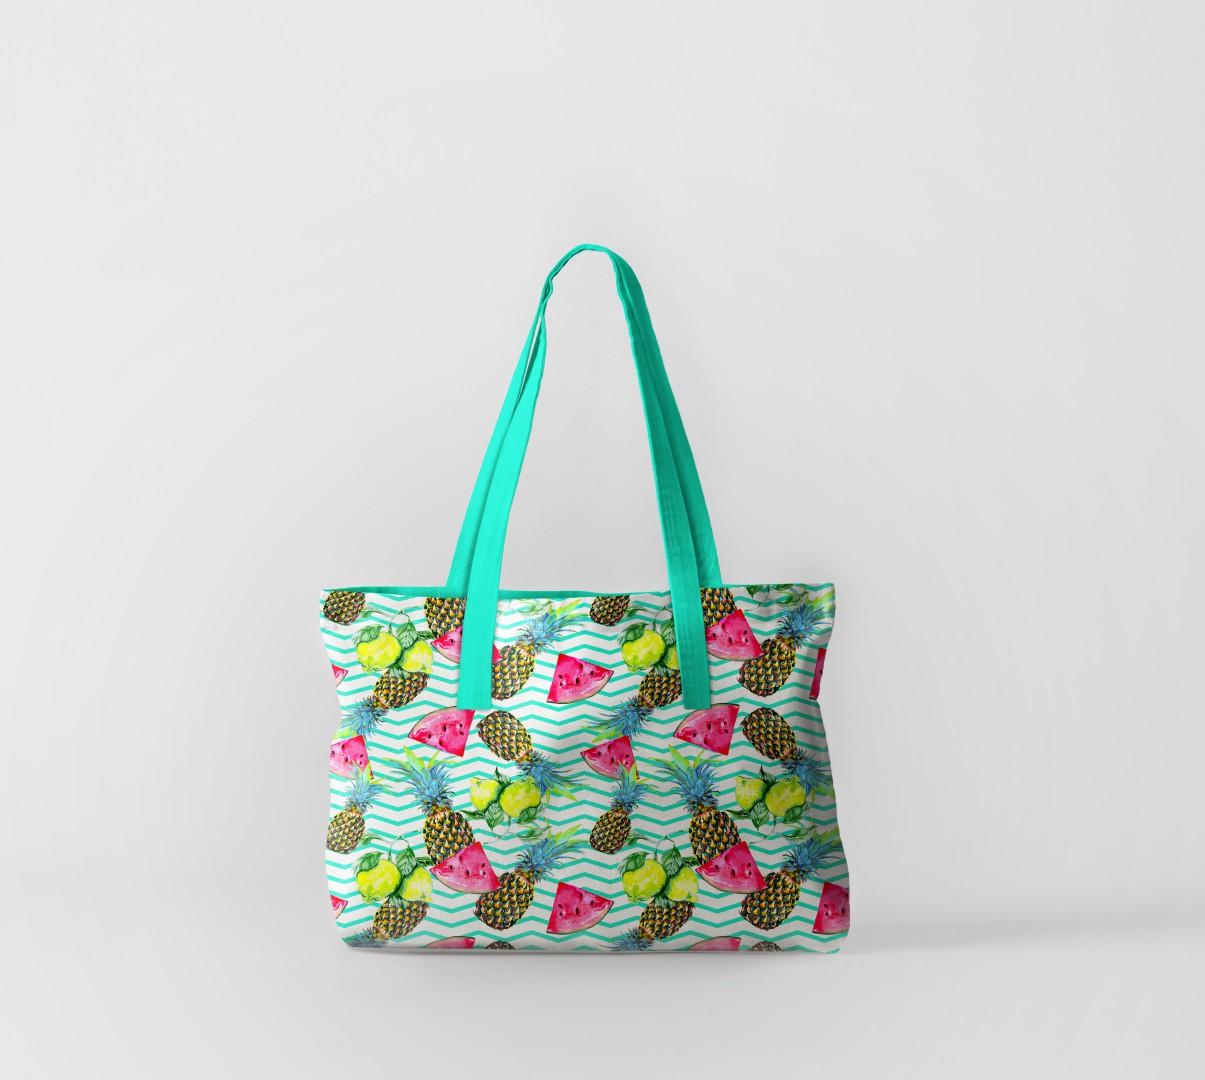 Пляжная сумка Арбузные дольки и ананасы (50х40 см) Олимп Текстиль oli732553